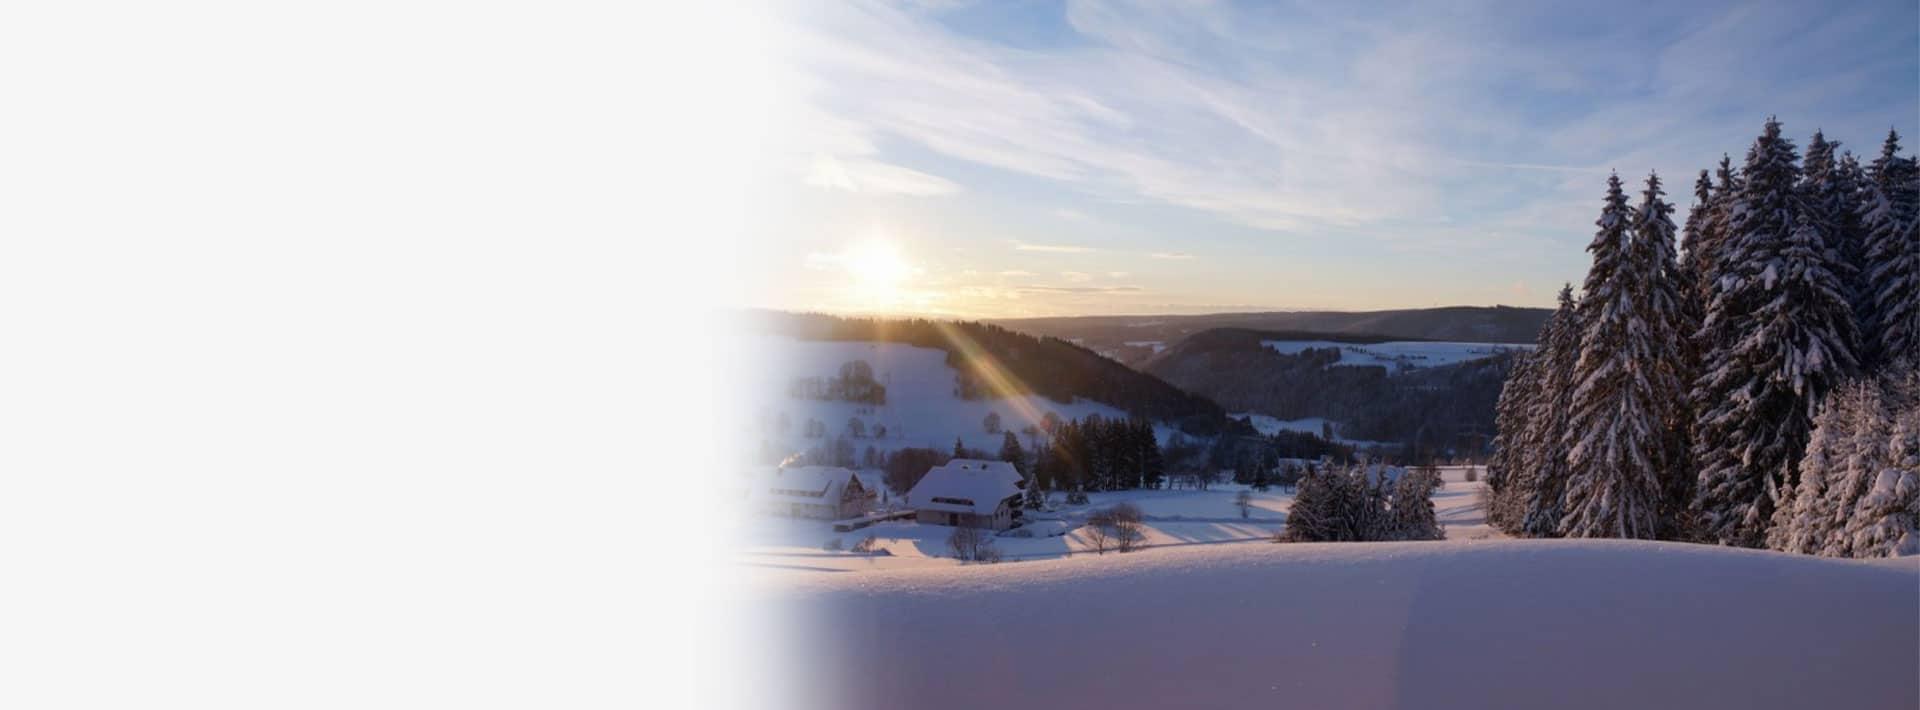 Teamworkshop im Schwarzwald für Teambuilding Blogbeitrag